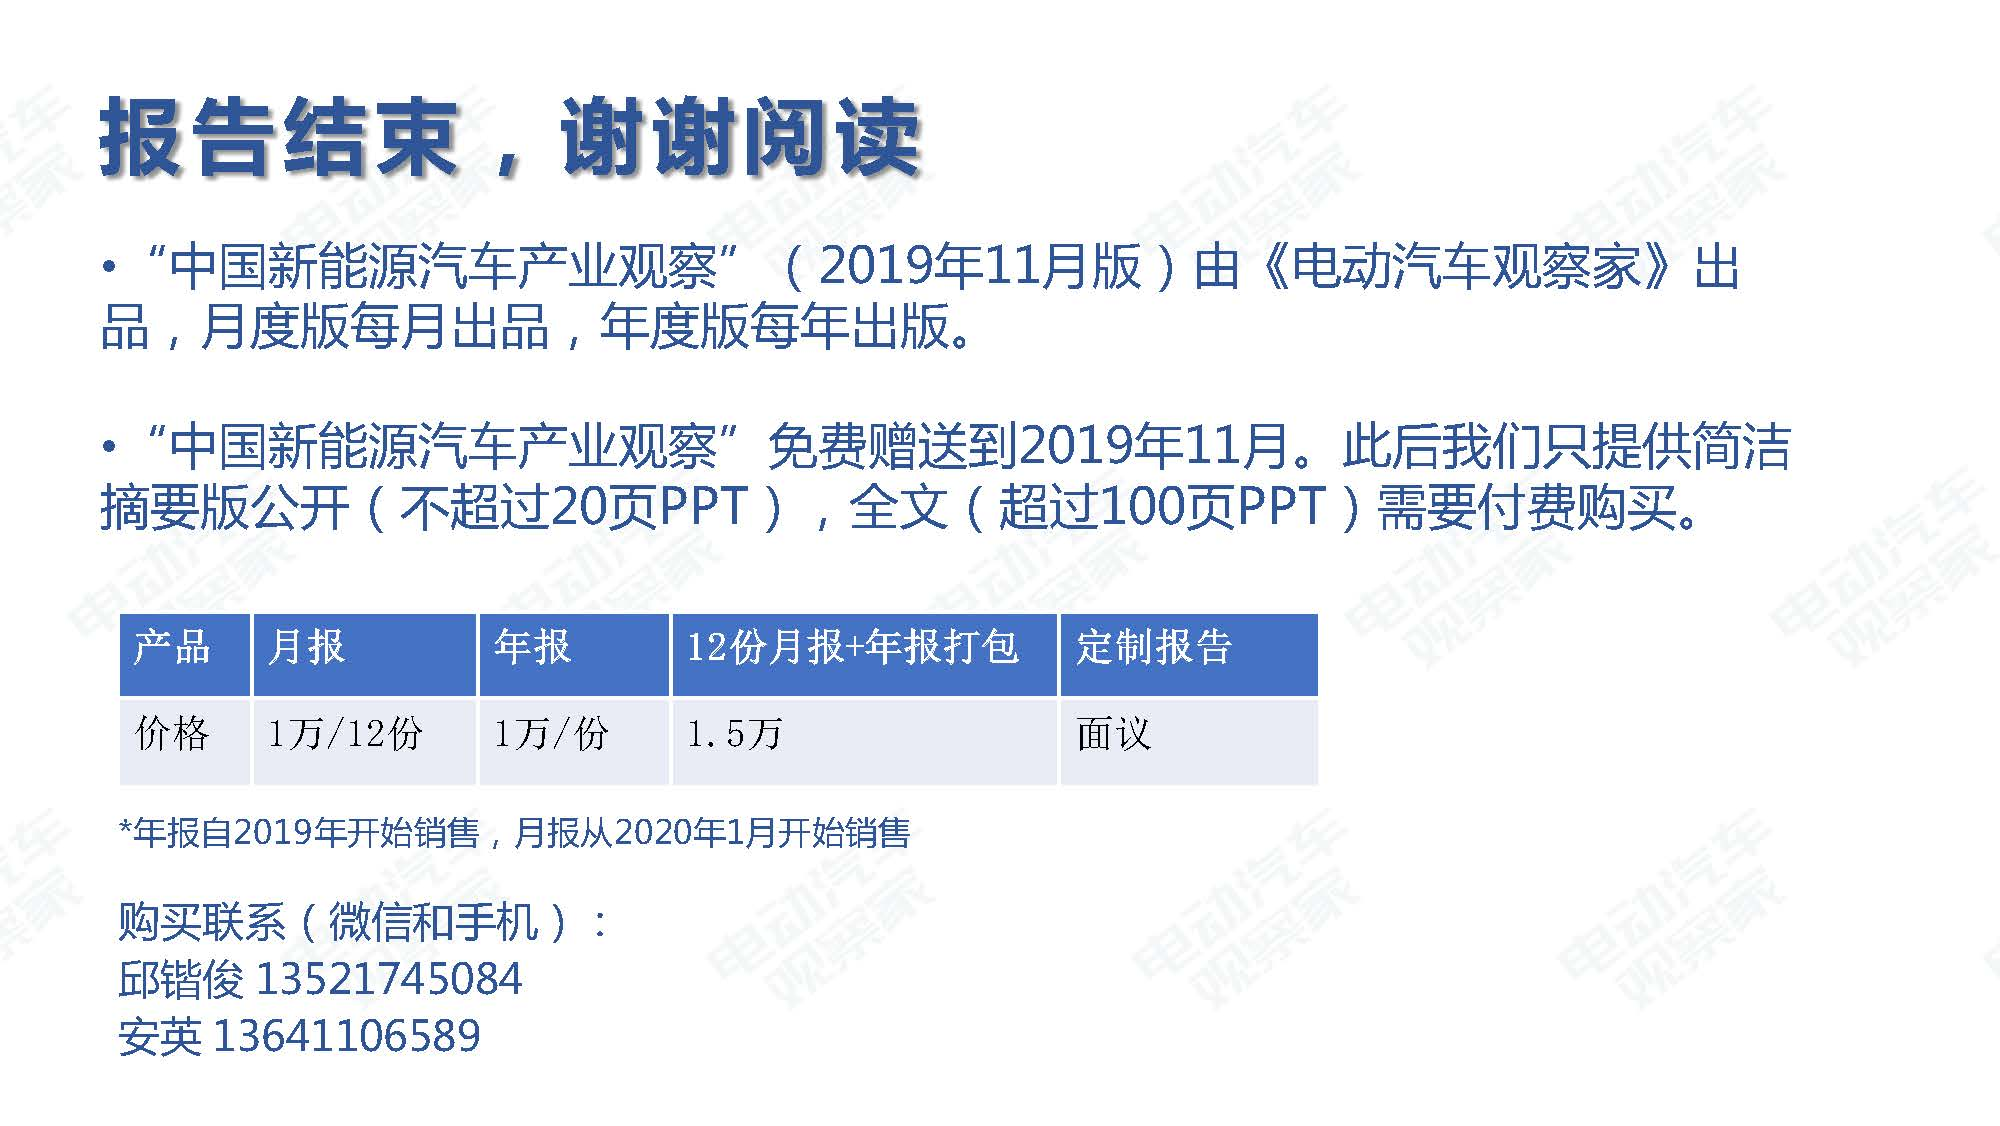 2019年11月中国新能源汽车产业观察_页面_134